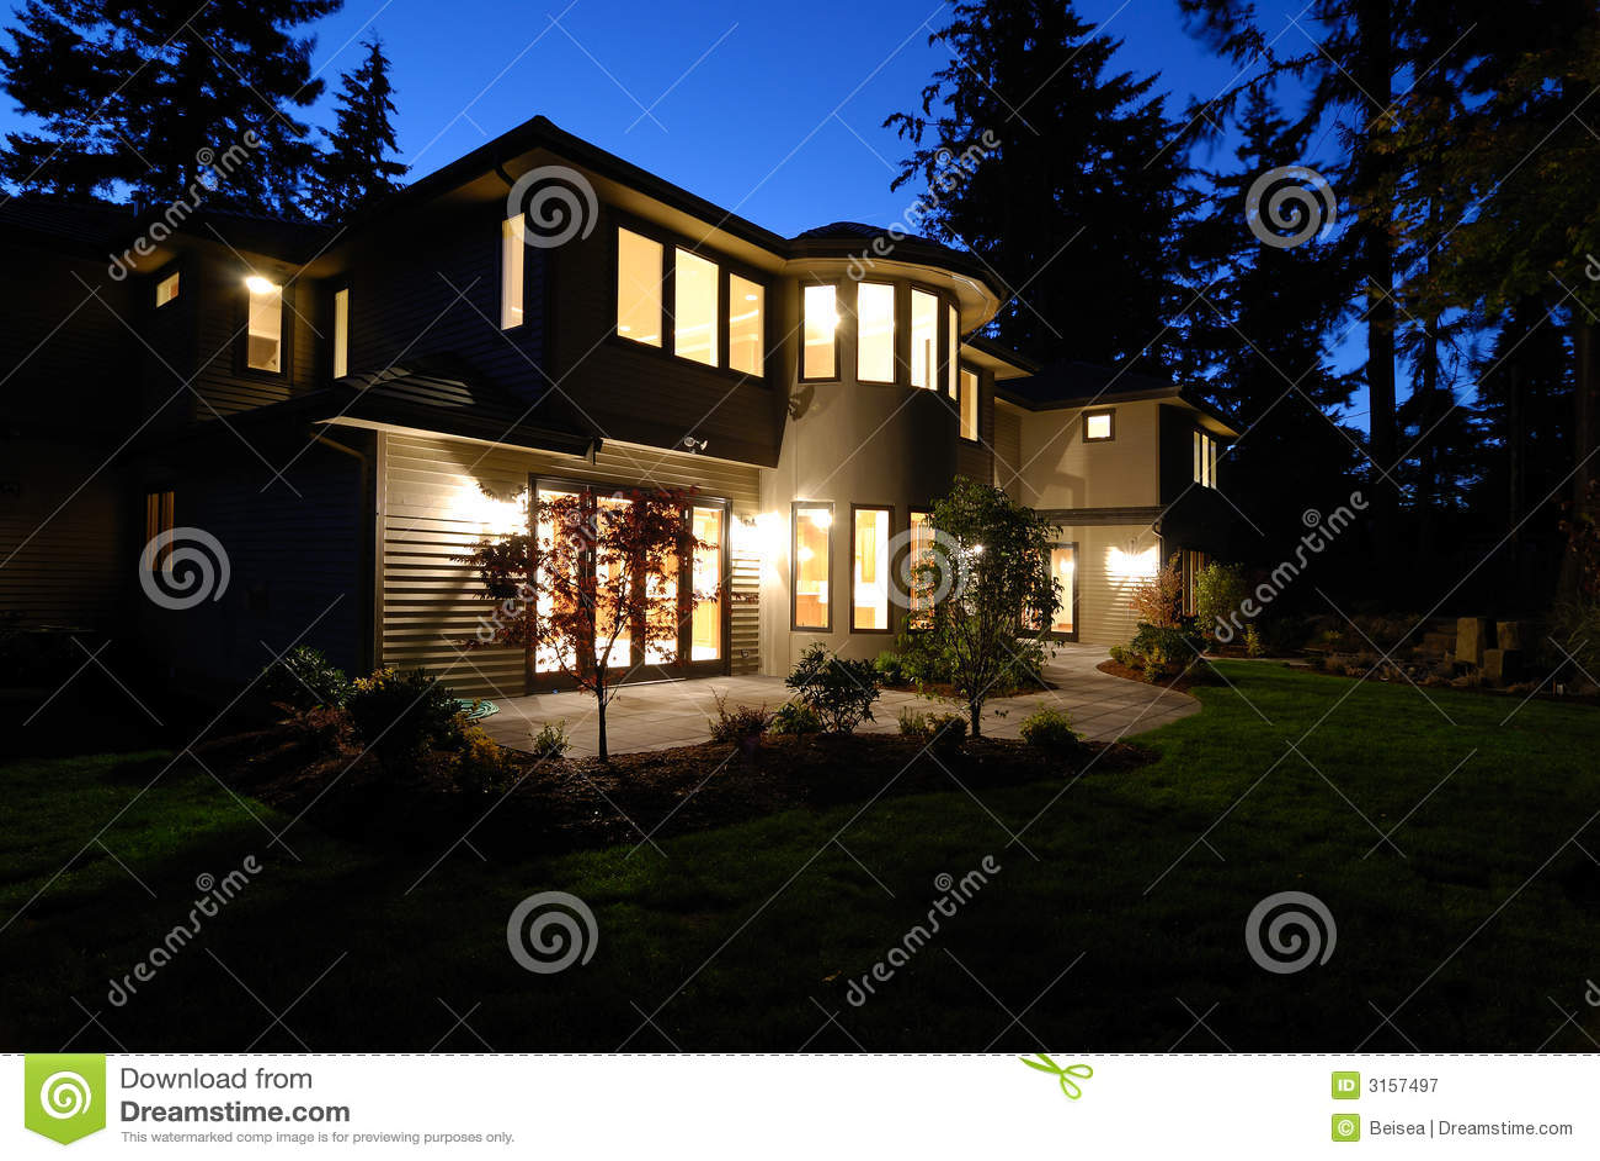 Nieuw Huis bij Nacht